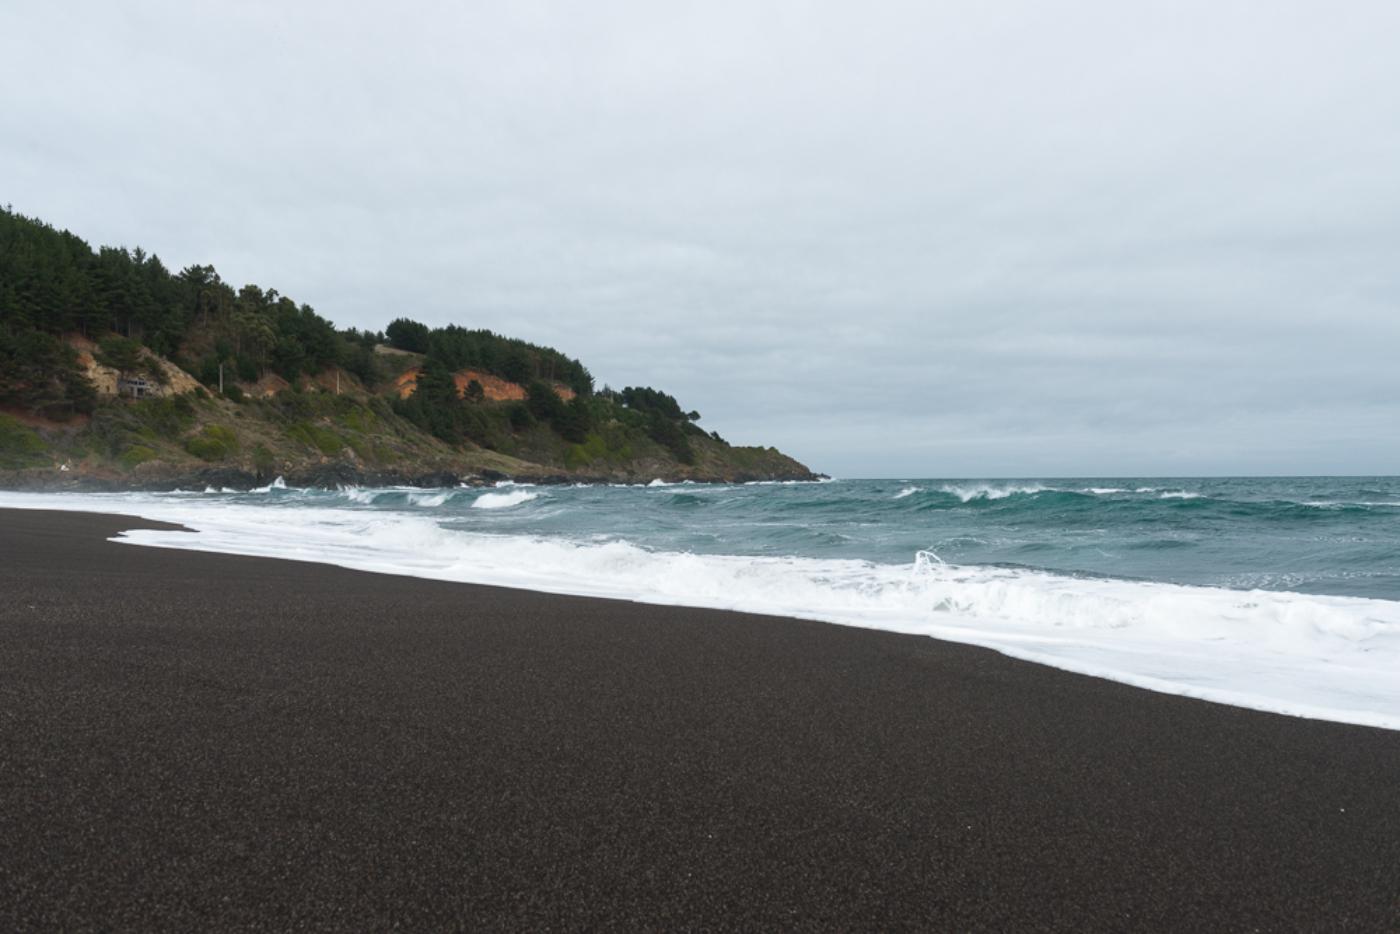 Imagen de playa Buchupureo, Región de Ñuble